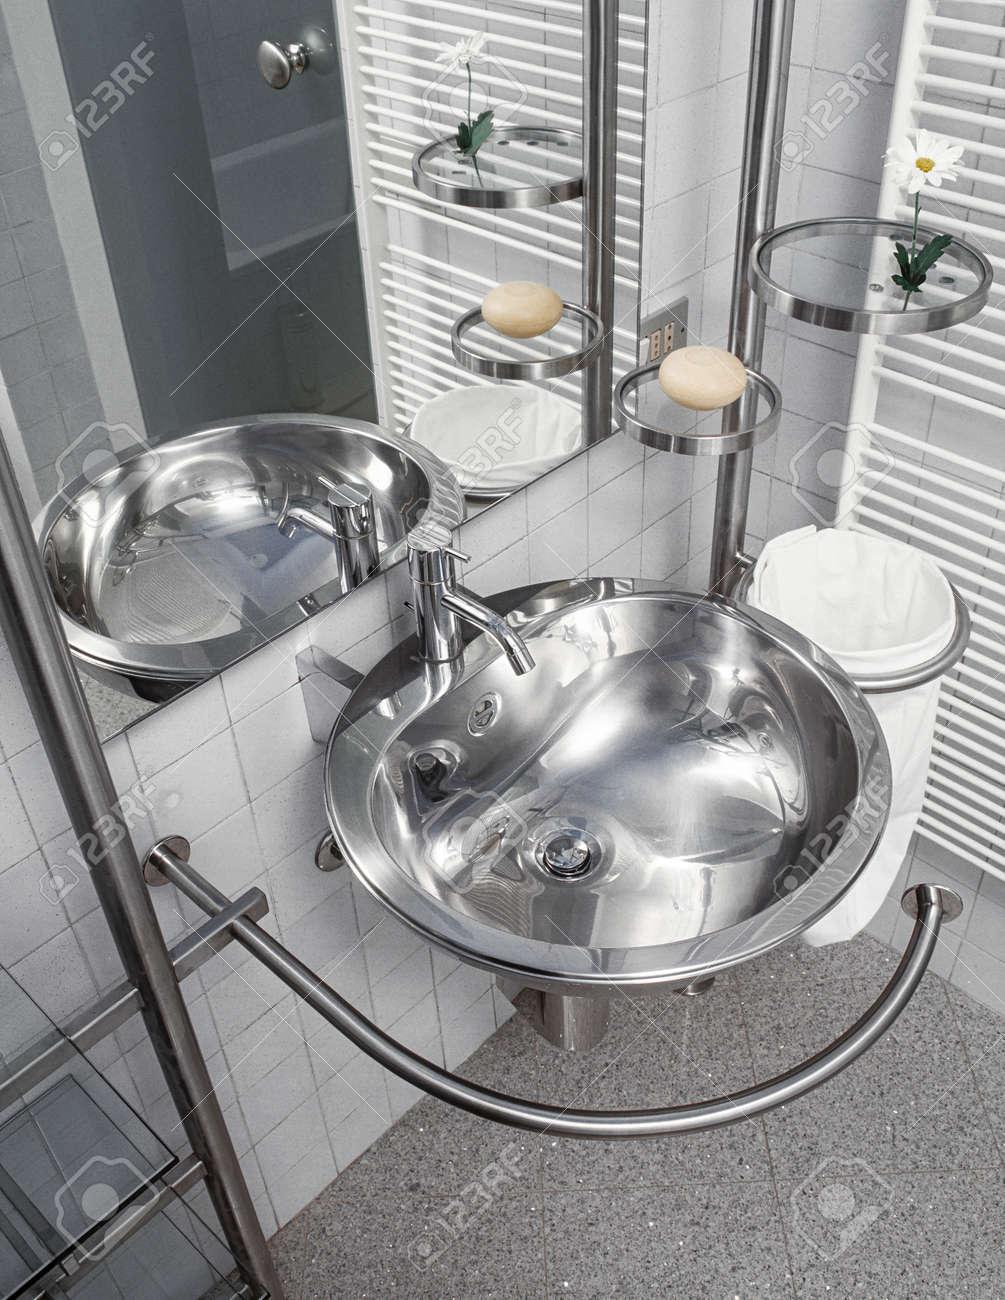 Lavabi In Acciaio Bagno.Dettaglio Del Lavabo In Acciaio In Bagno Moderno Foto Royalty Free